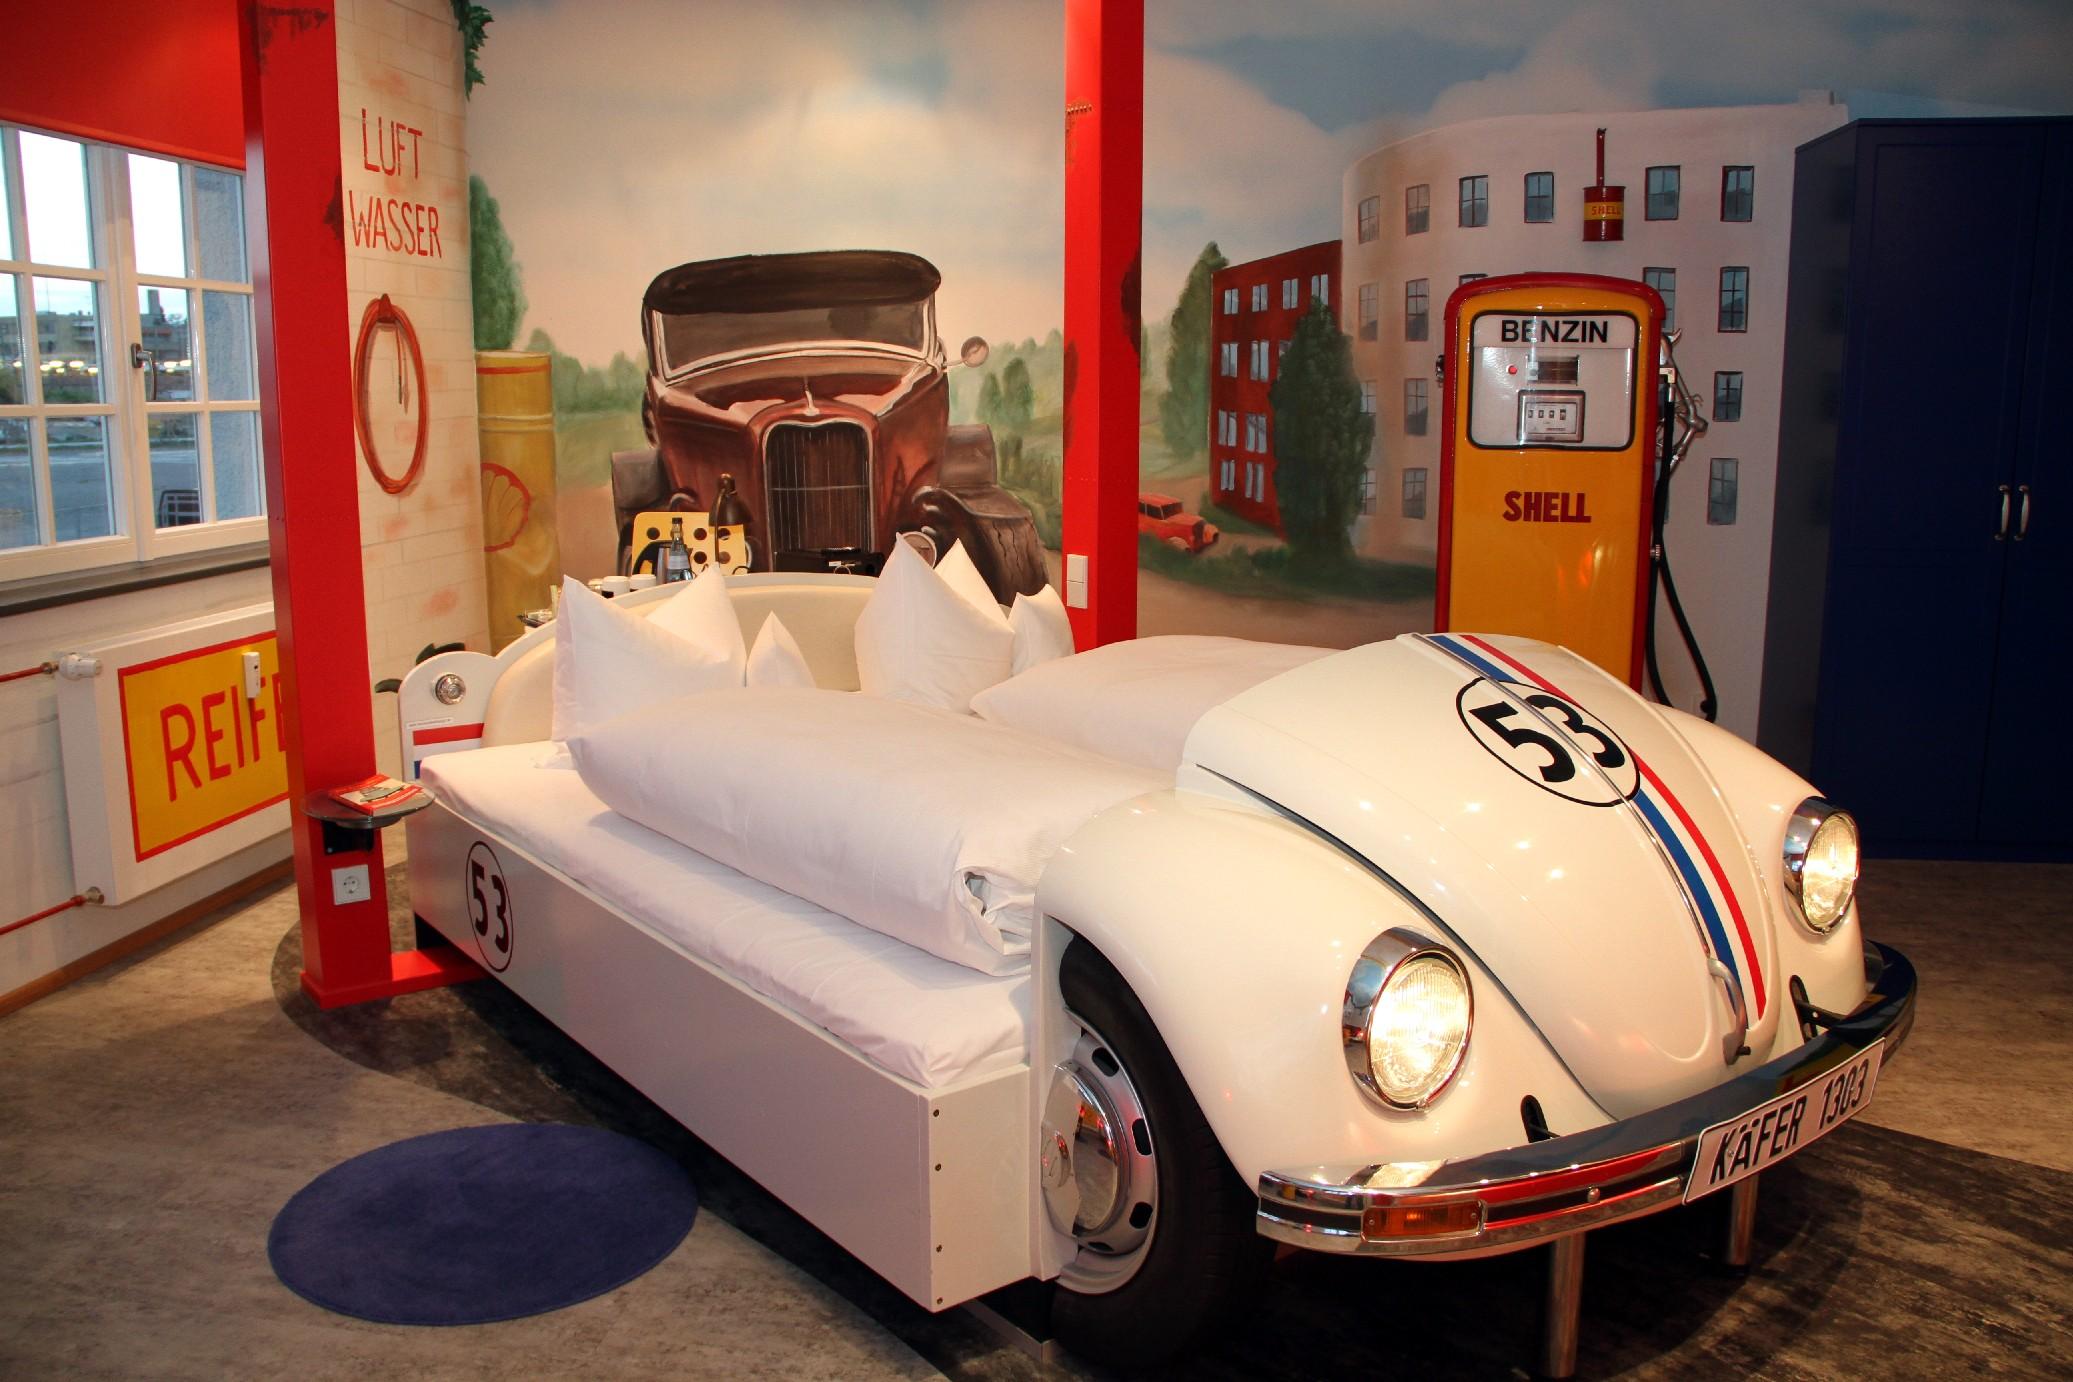 Vista de um dos quartos do V8, hotel em Stuttagart, na Alemanha, voltado para amantes do automobilismo